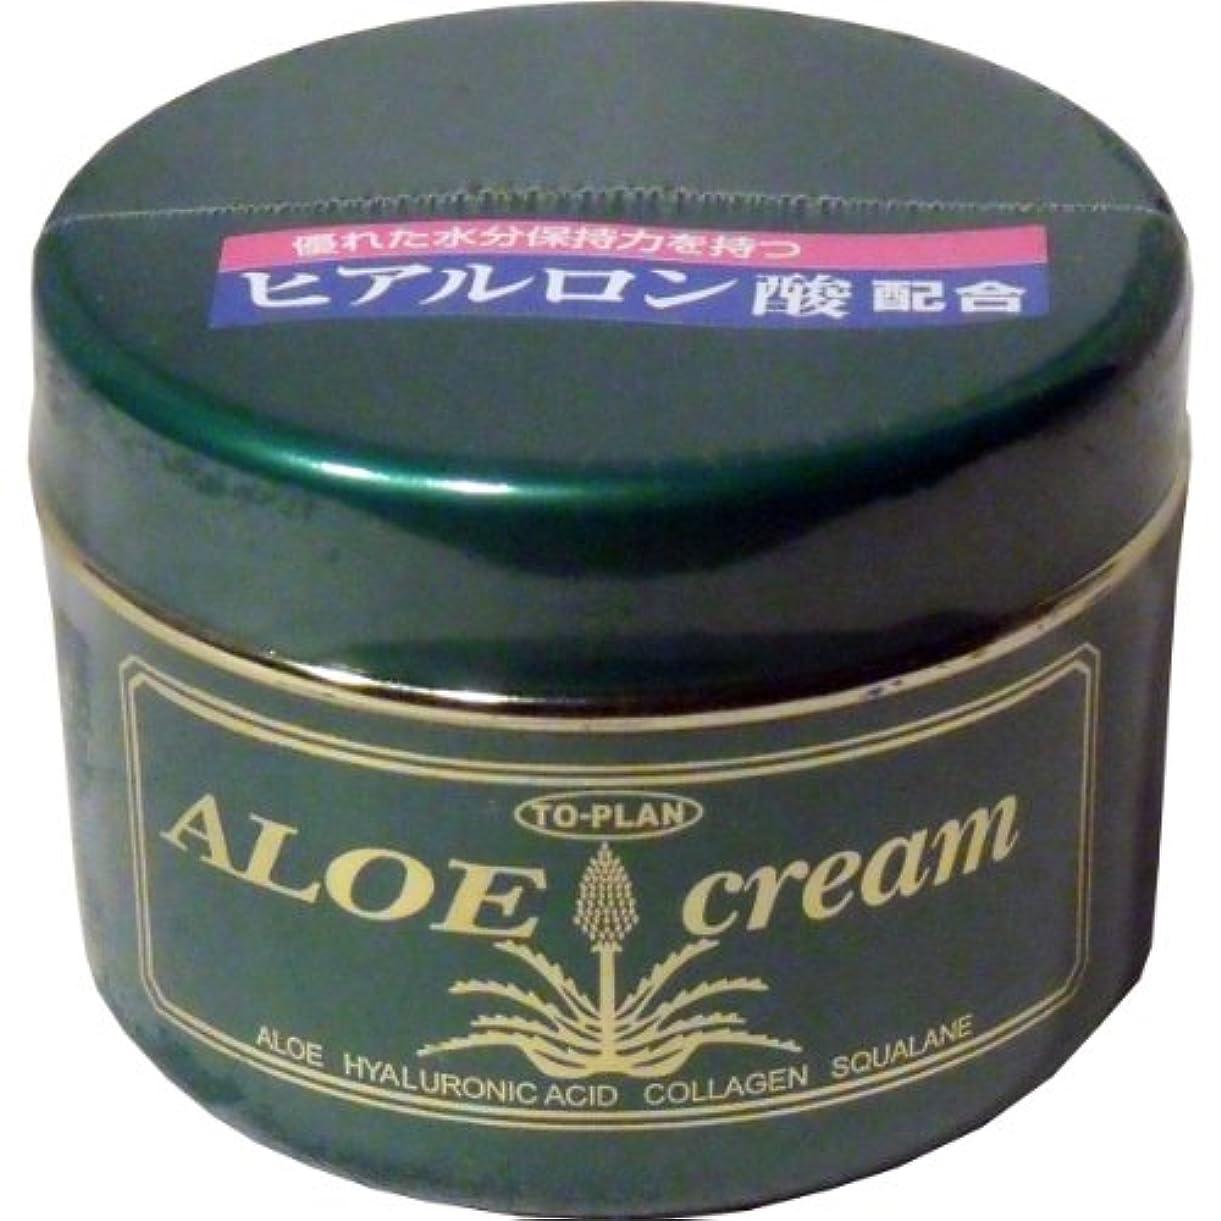 モンスター受け入れまどろみのあるトプラン ハーブフレッシュクリーム(アロエクリーム) ヒアルロン酸 170g ×5個セット